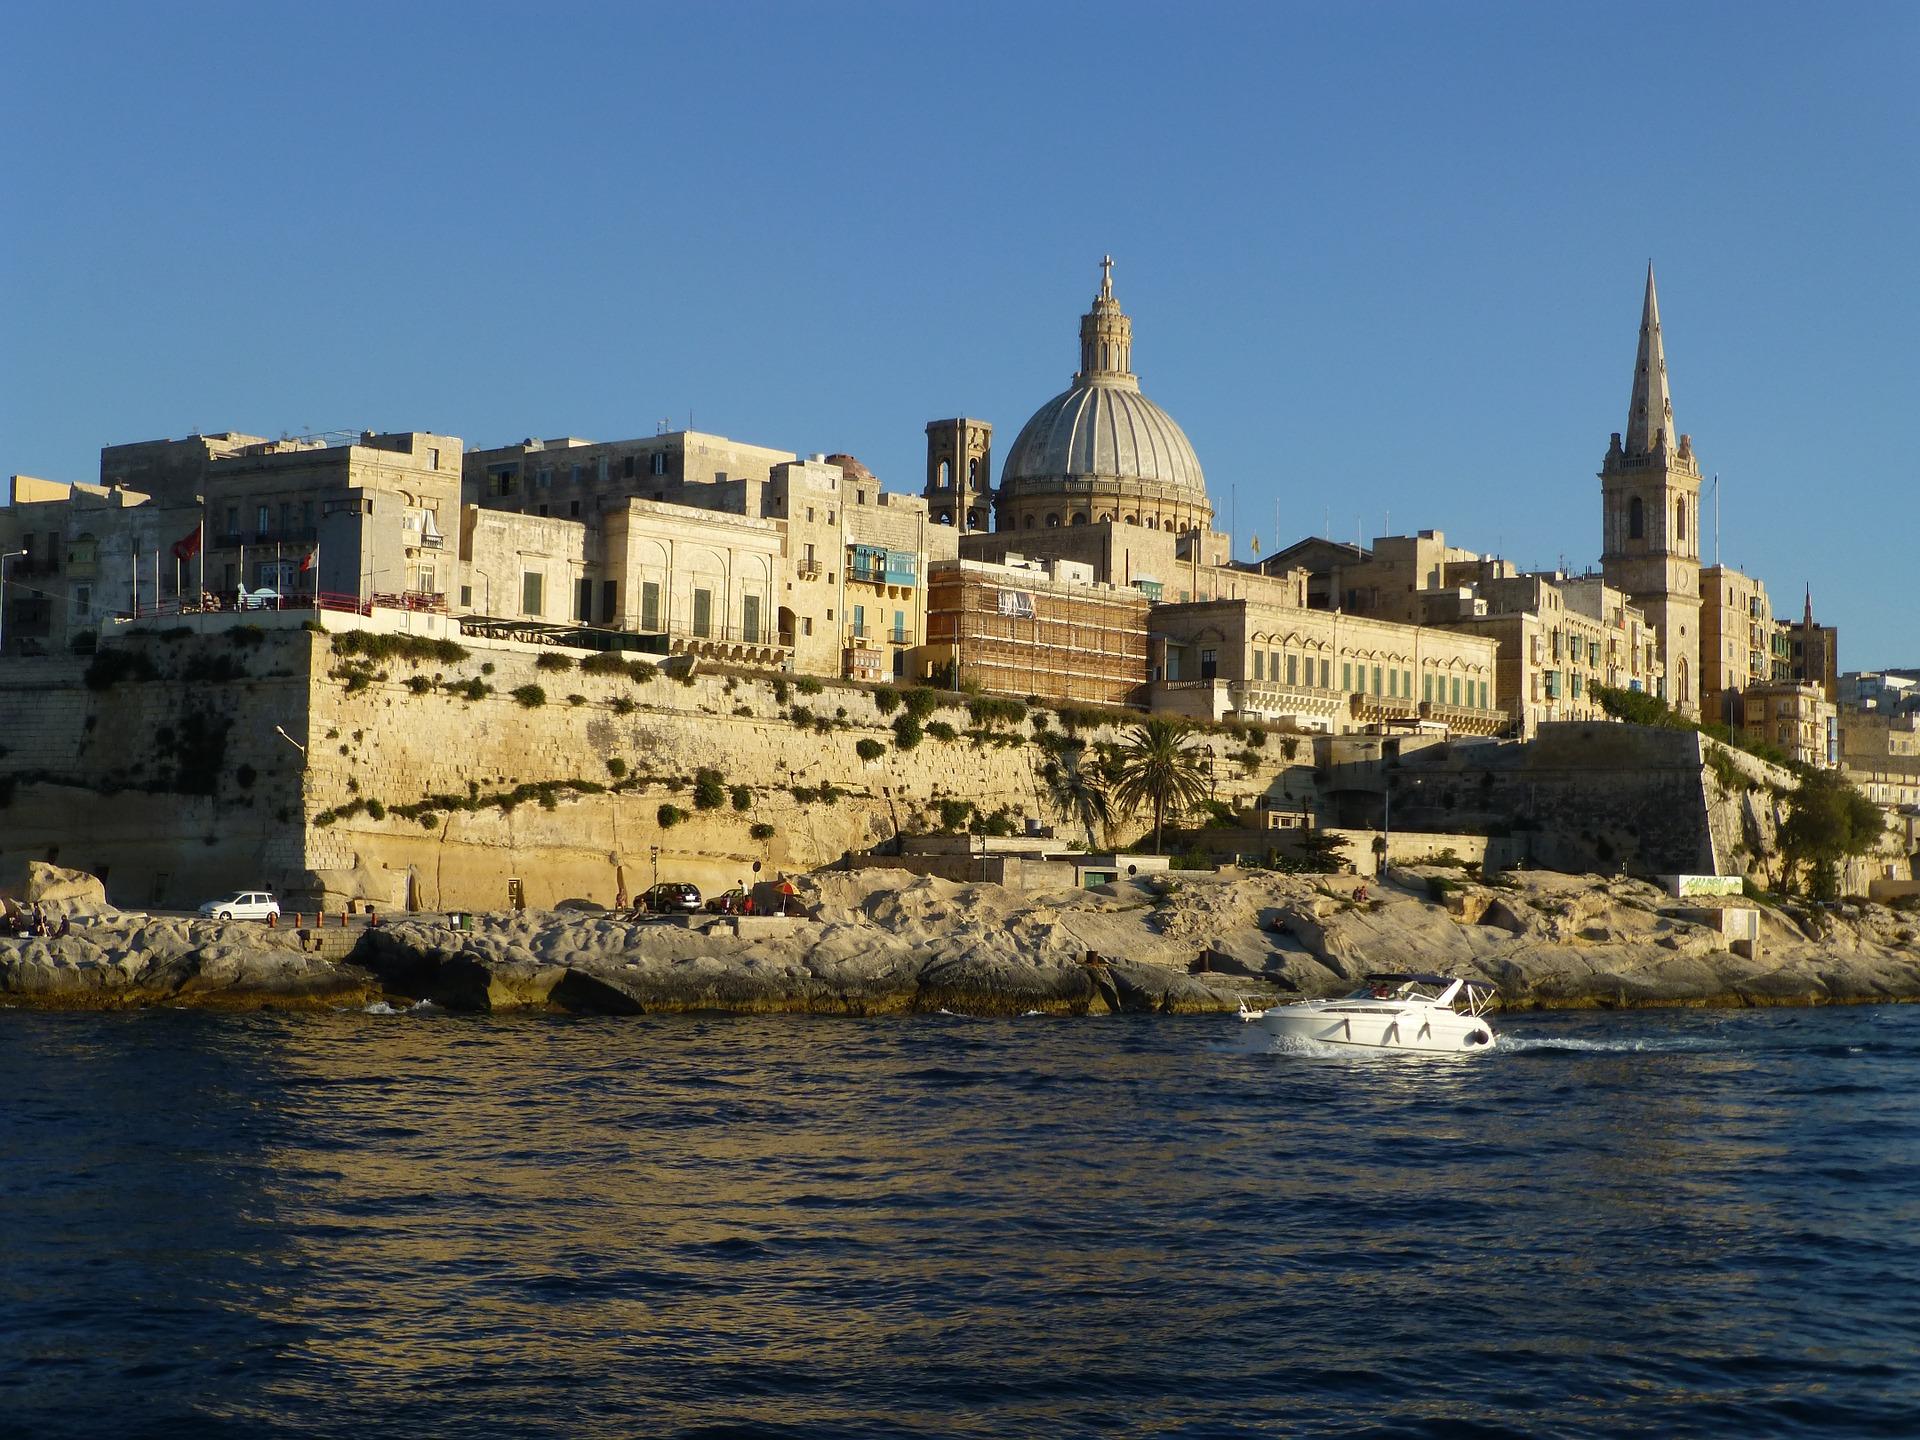 malta-787825_1920.jpg